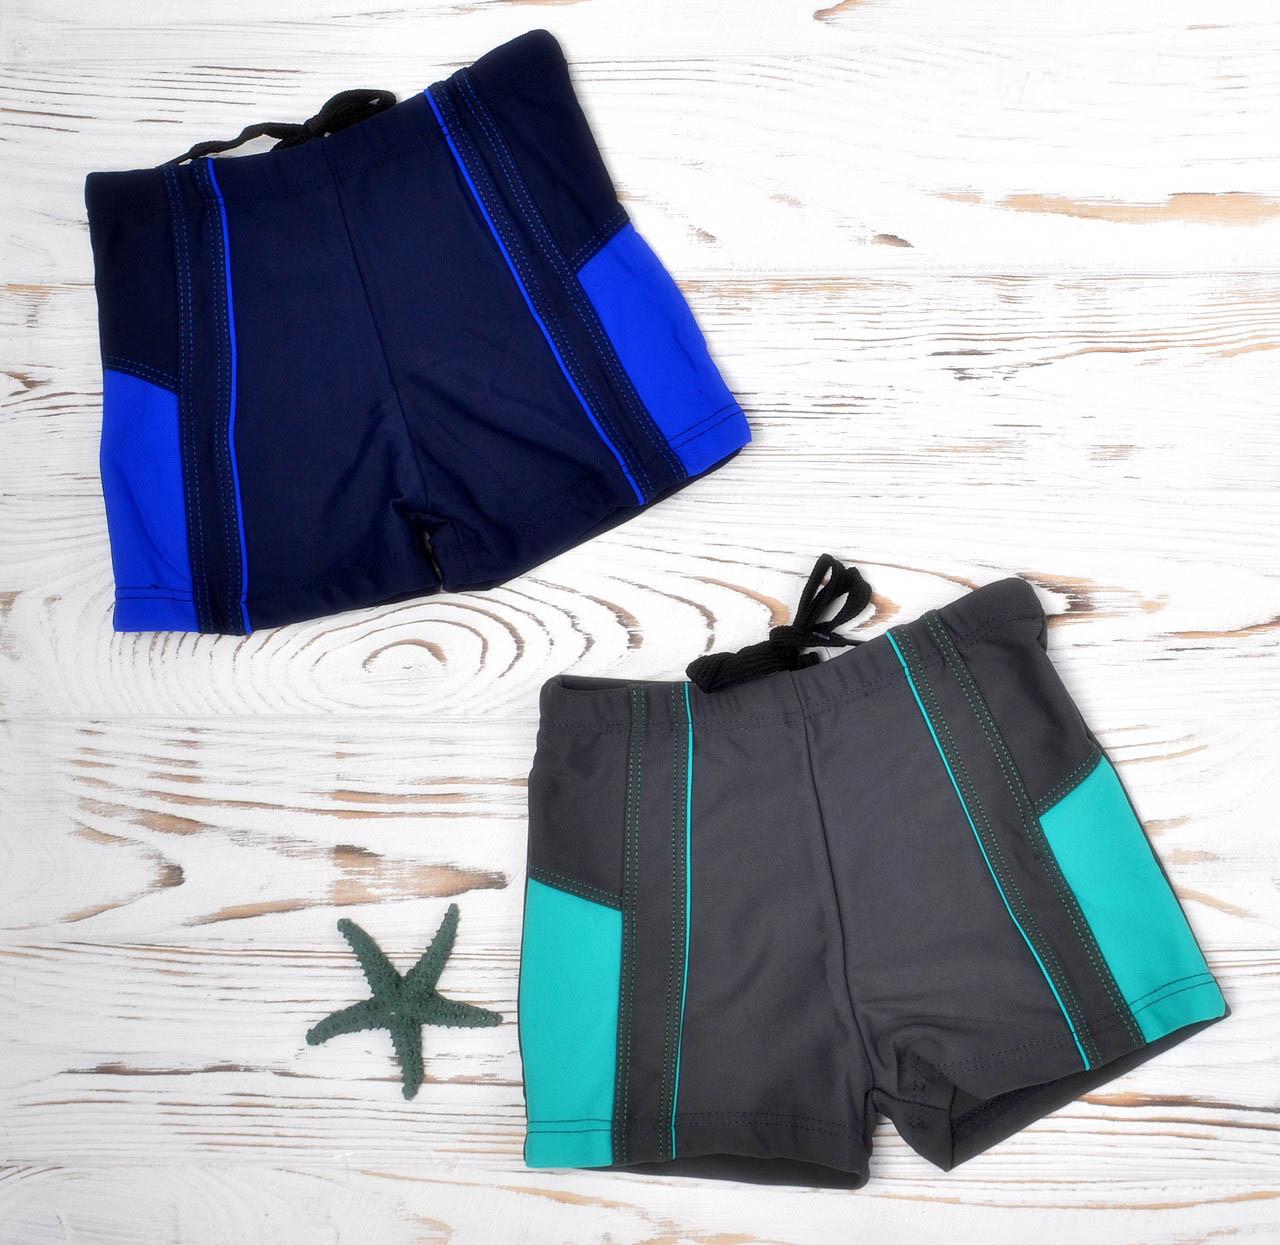 Плавки для мальчика Спорт, синий, серый (р.24,26,28)